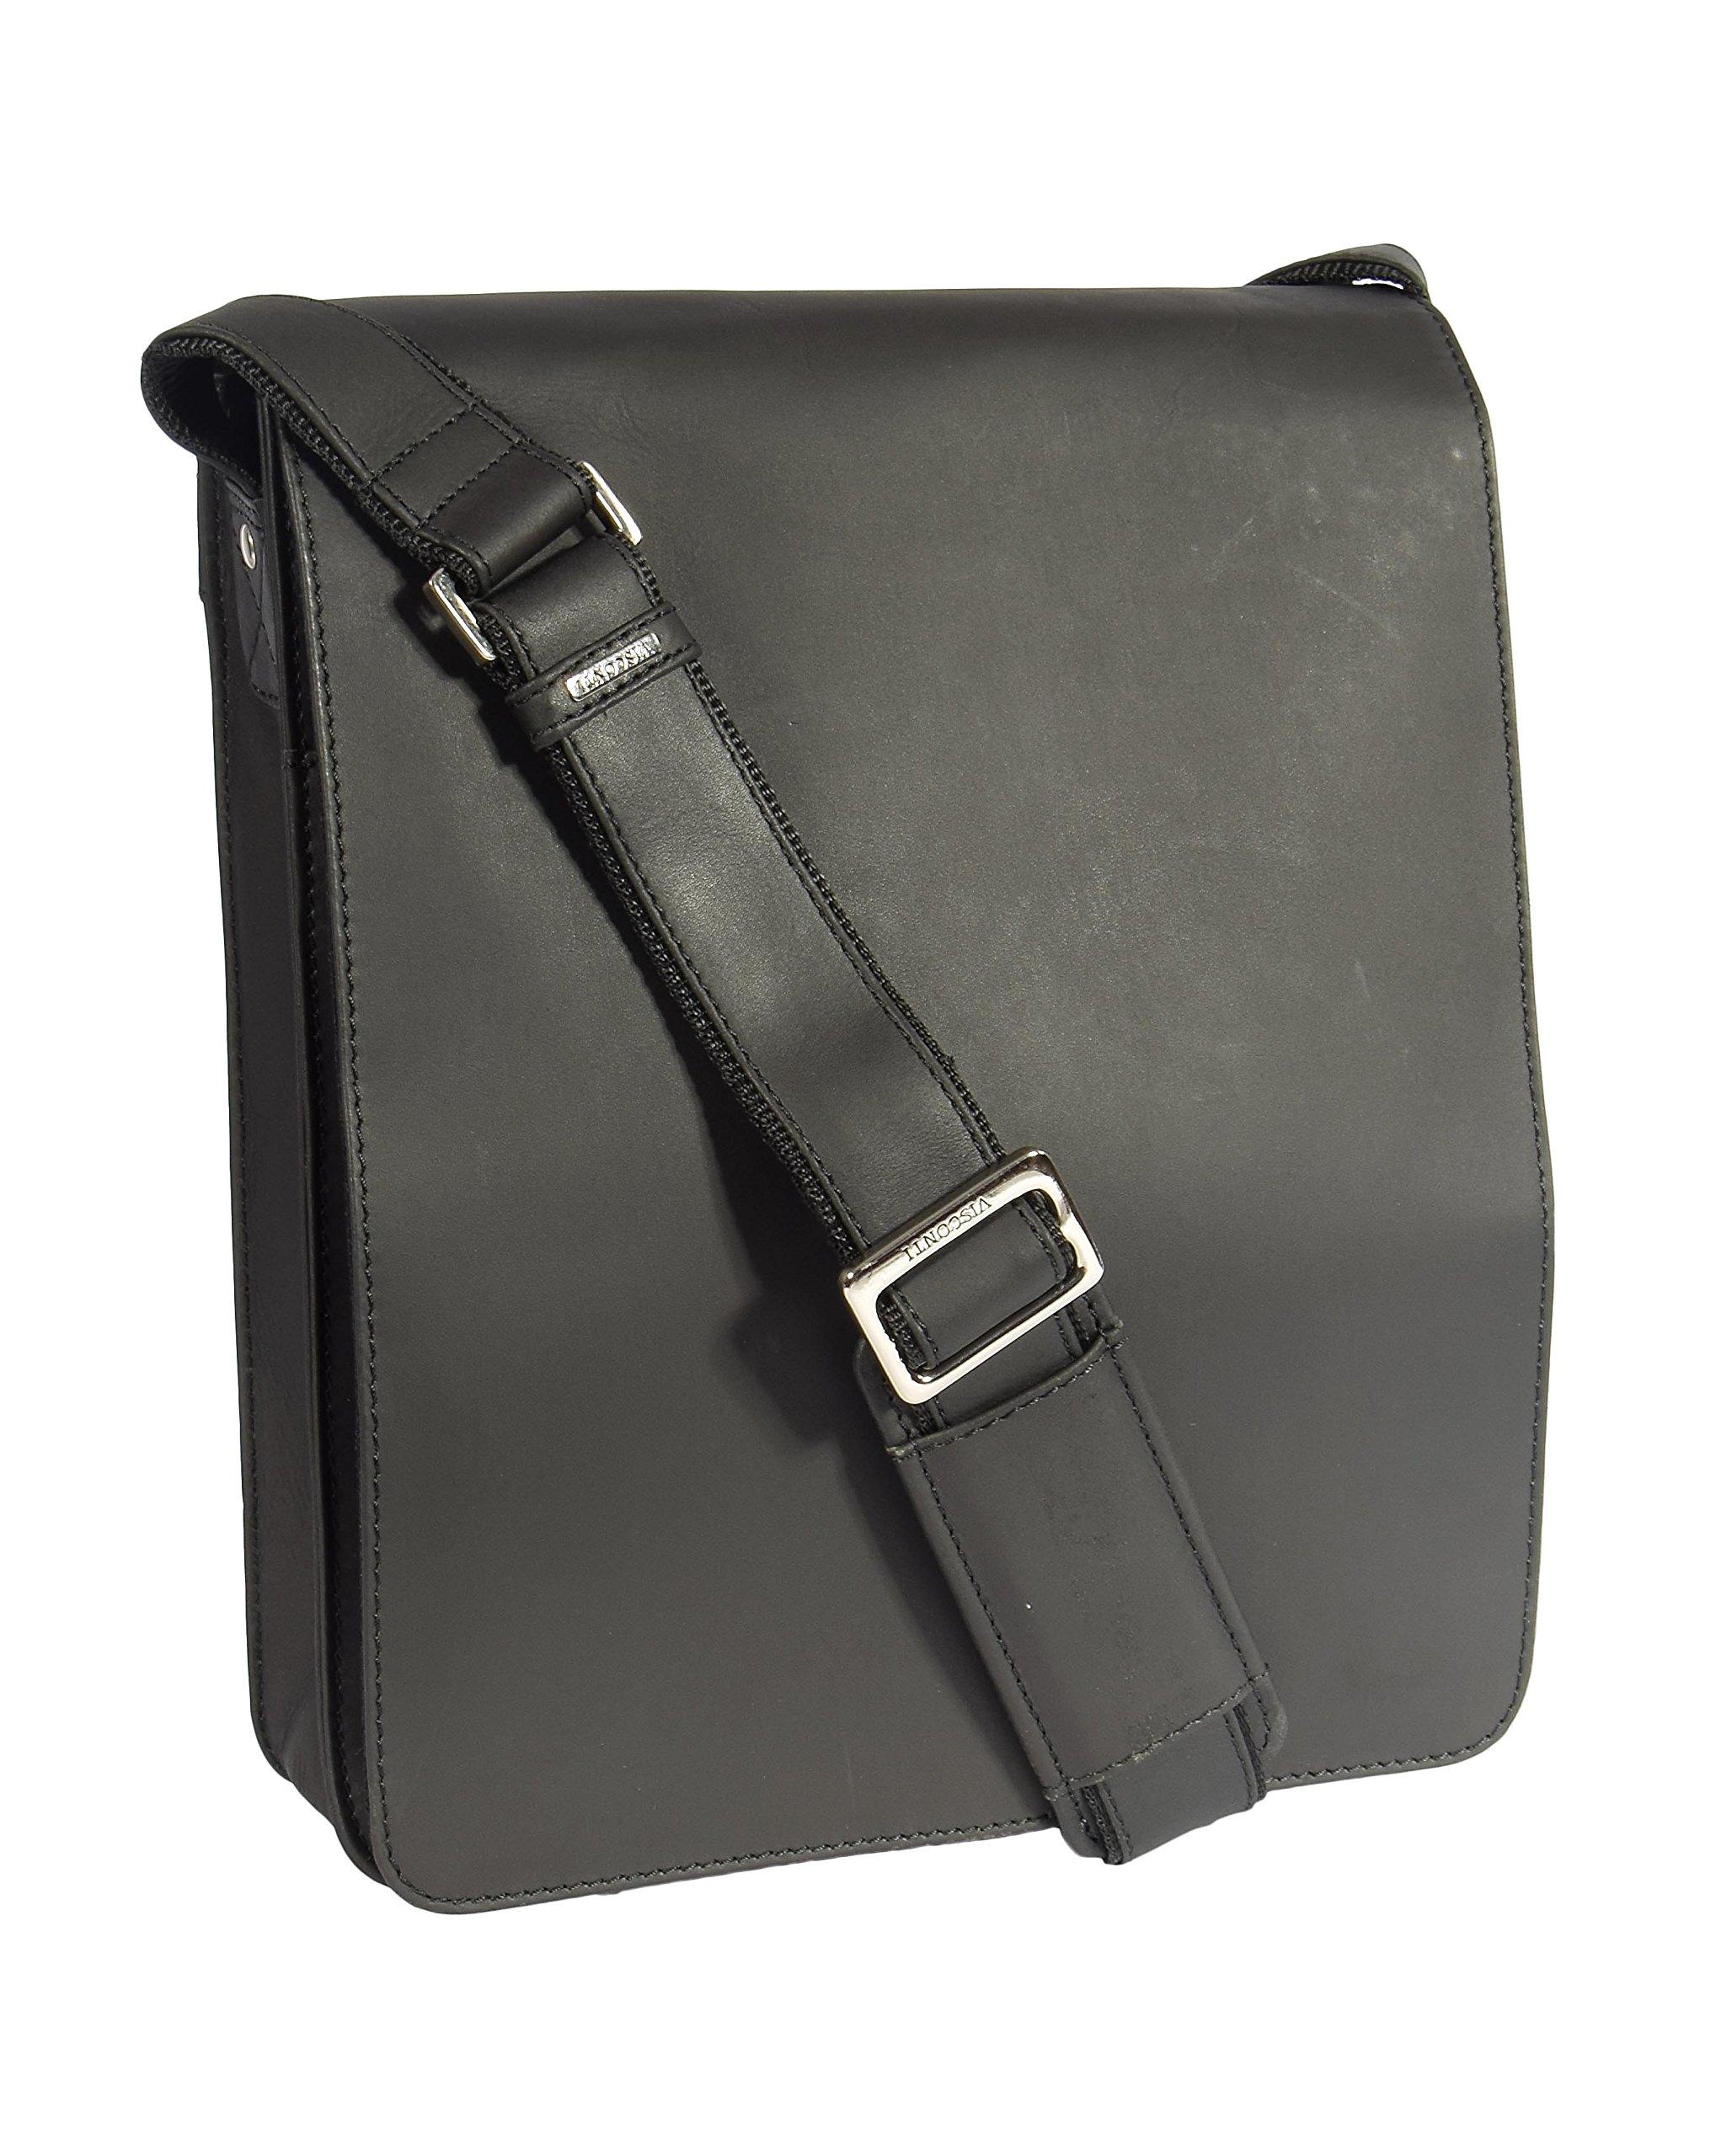 Mens Real Leather Messenger Bag Black Vintage Shoulder Bag iPad Case Los Angeles